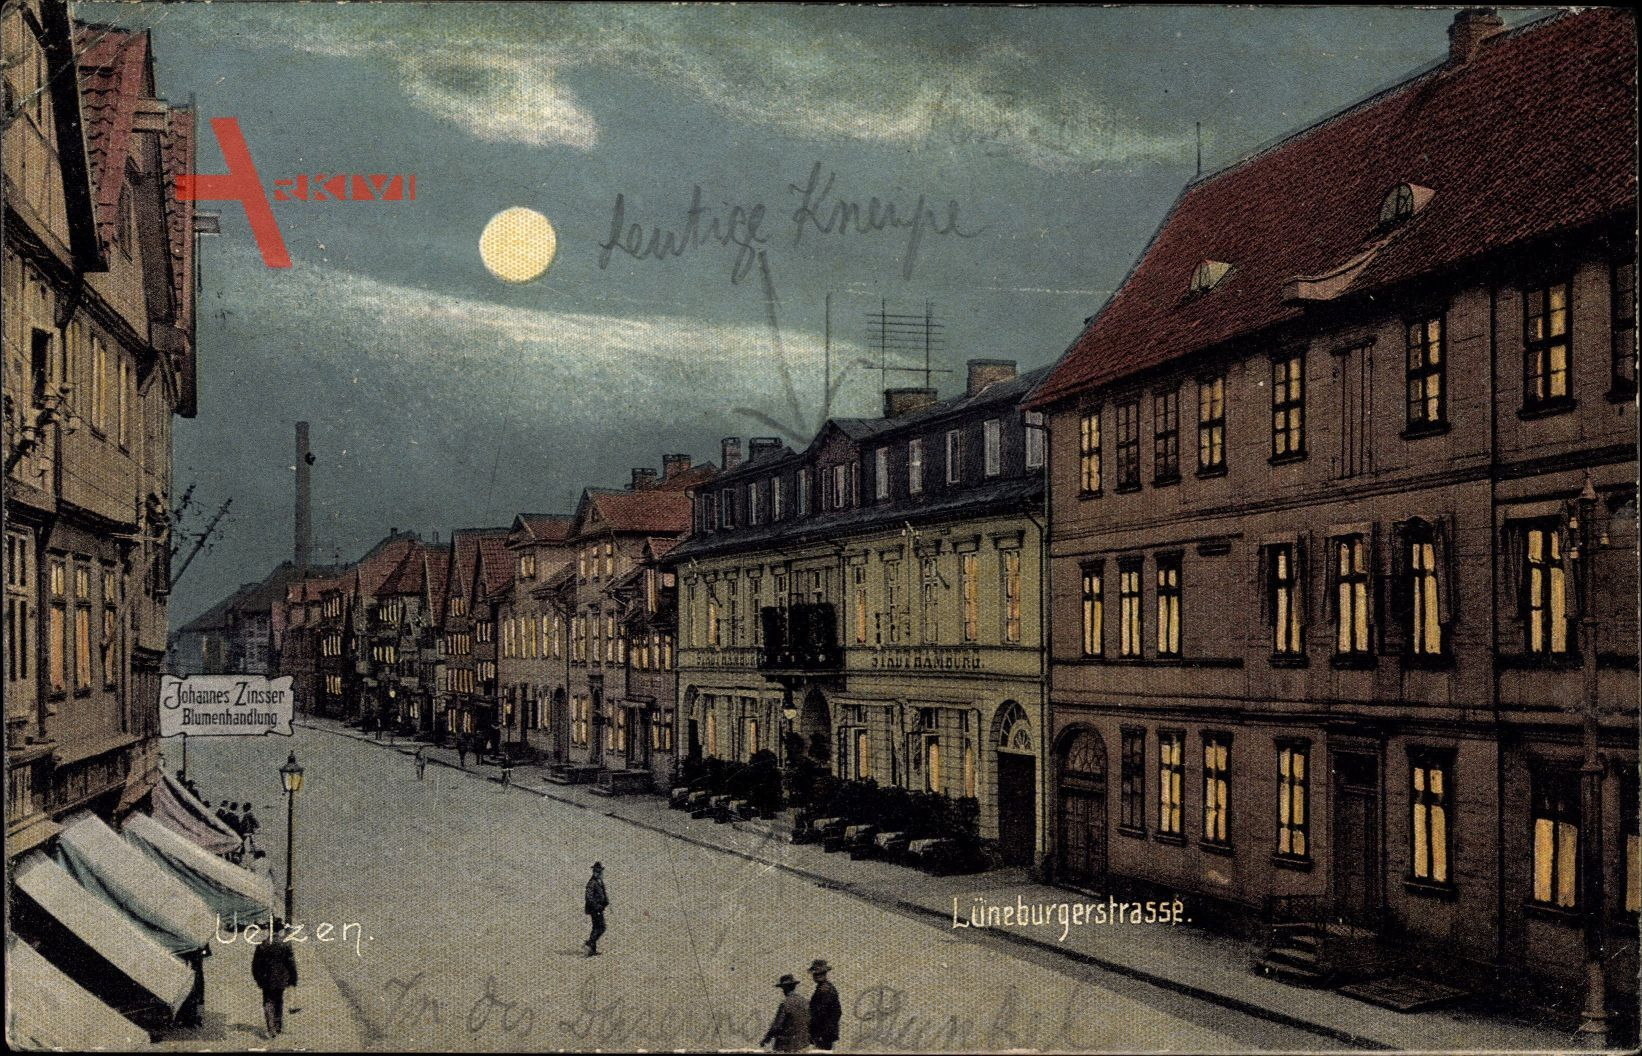 Uelzen in Niedersachsen, Lüneburgerstraße bei Nacht, Mondschein